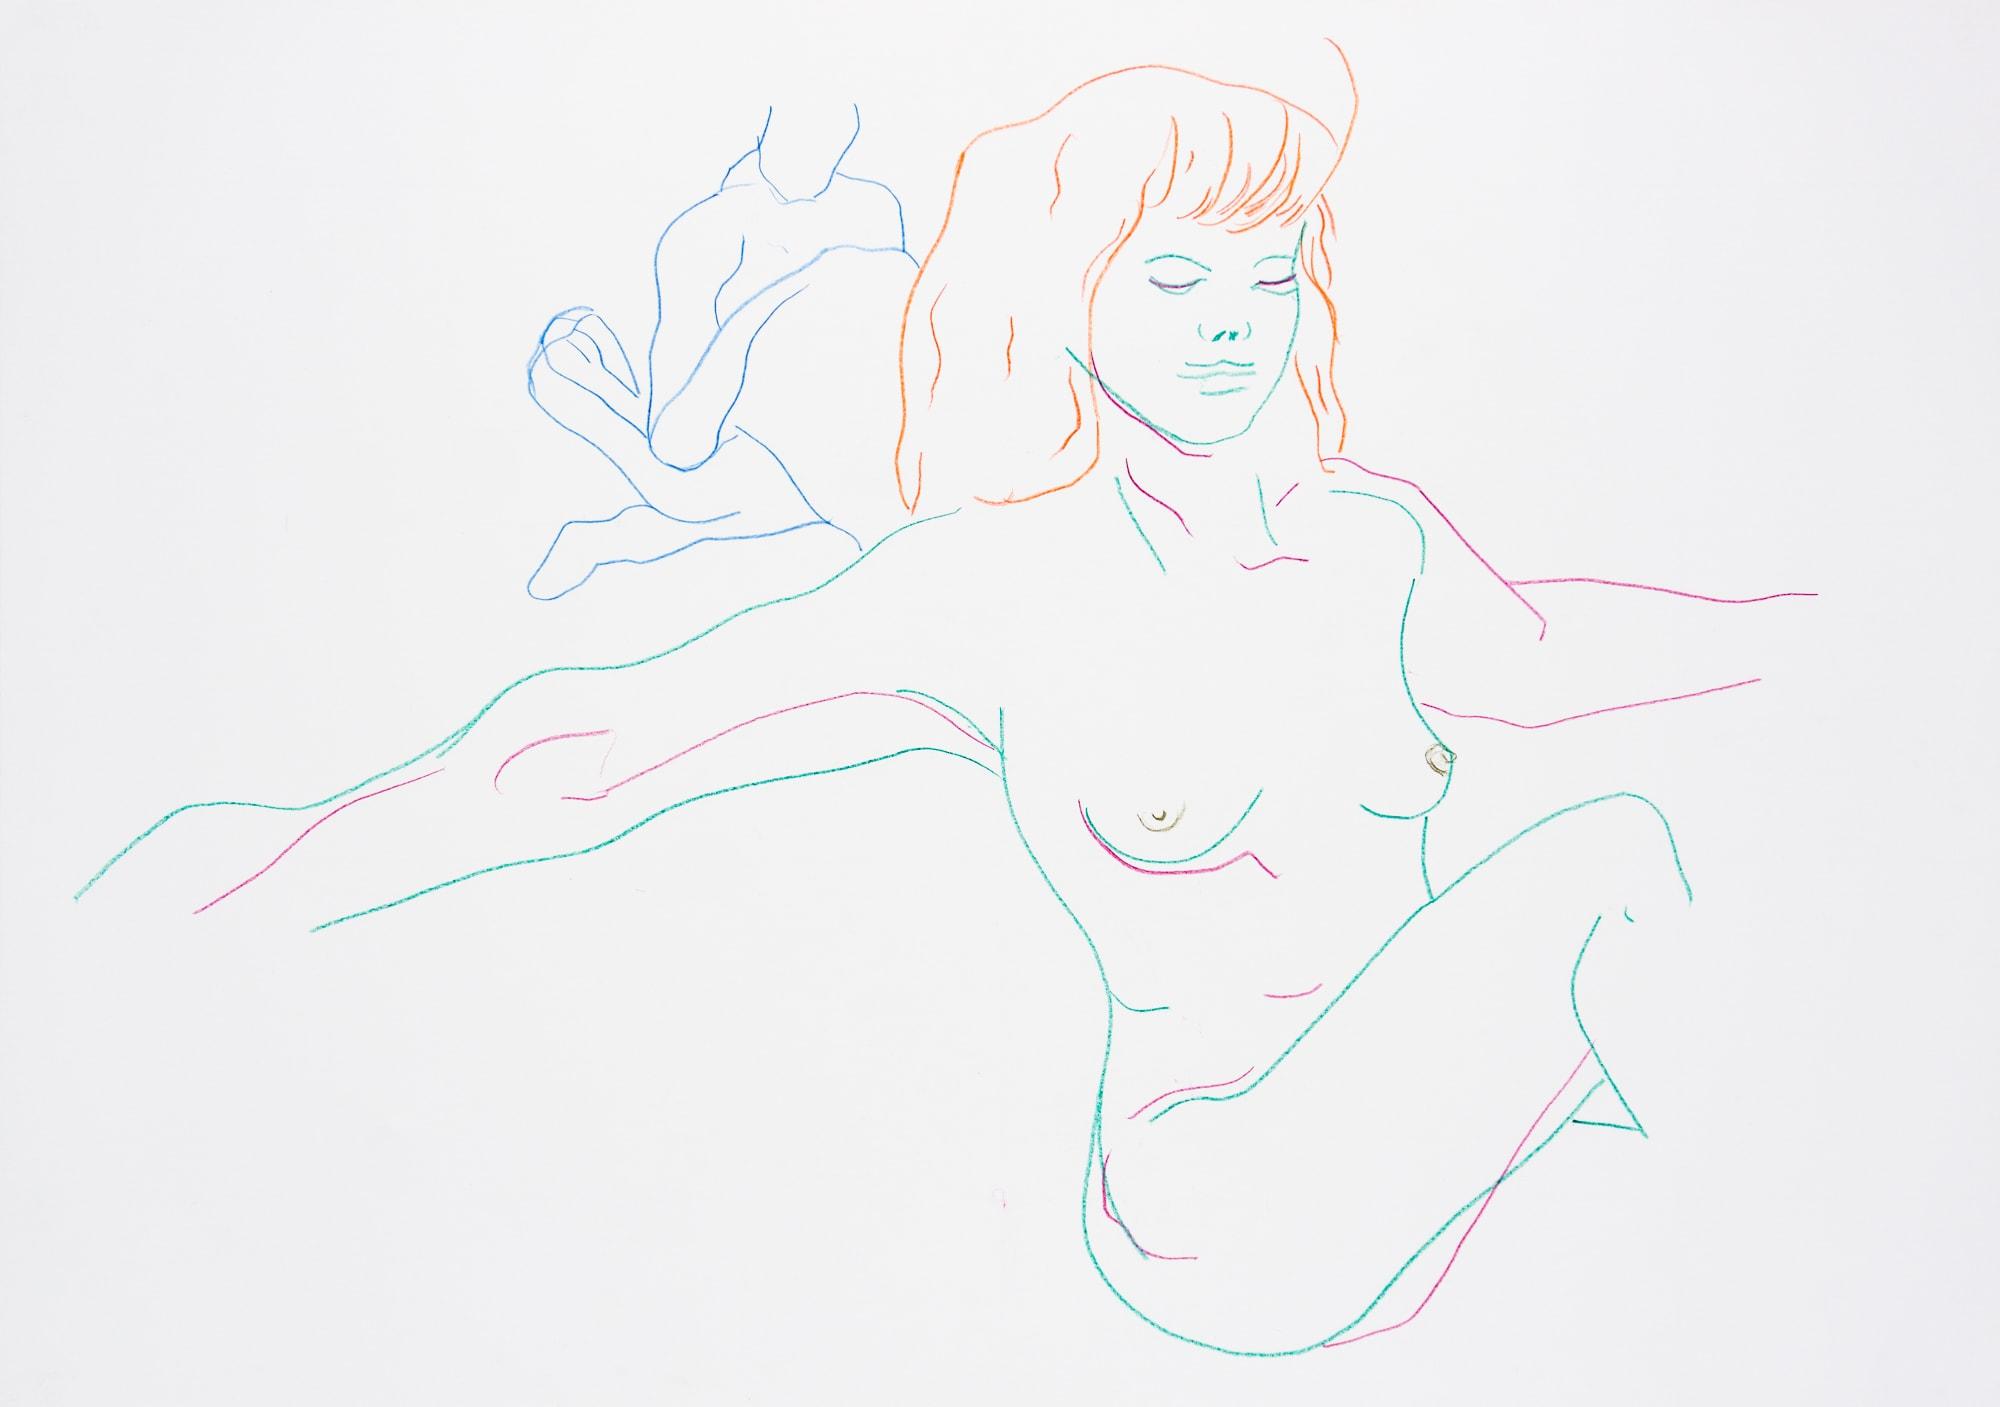 Zeichnung, Farbstift auf Papier, 59,4x42cm, Frauenakt, Künstlerin: Franziska King